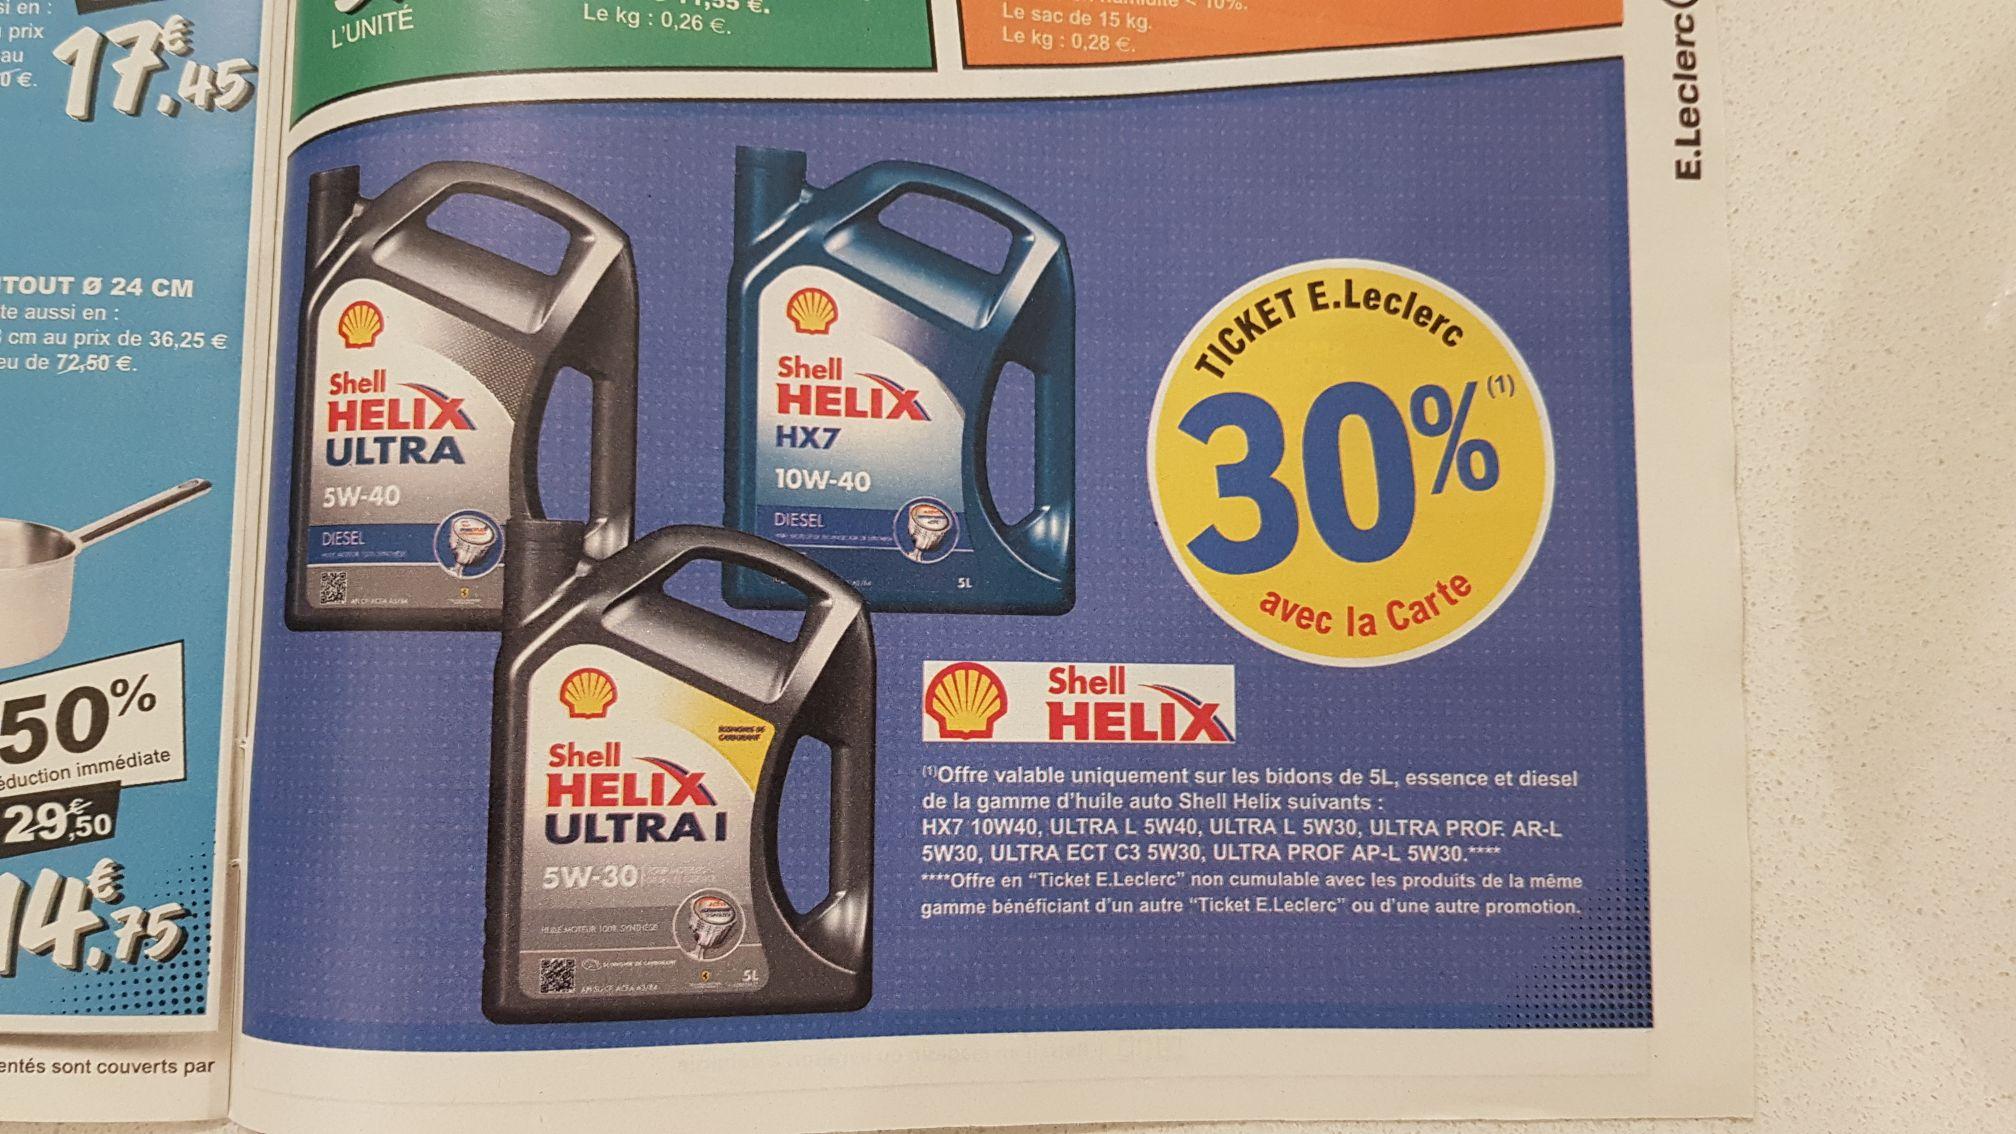 30% à 50% remboursés en tickets E.Leclerc sur une sélection d'huiles moteur Shell Helix HX7 ou Ultra